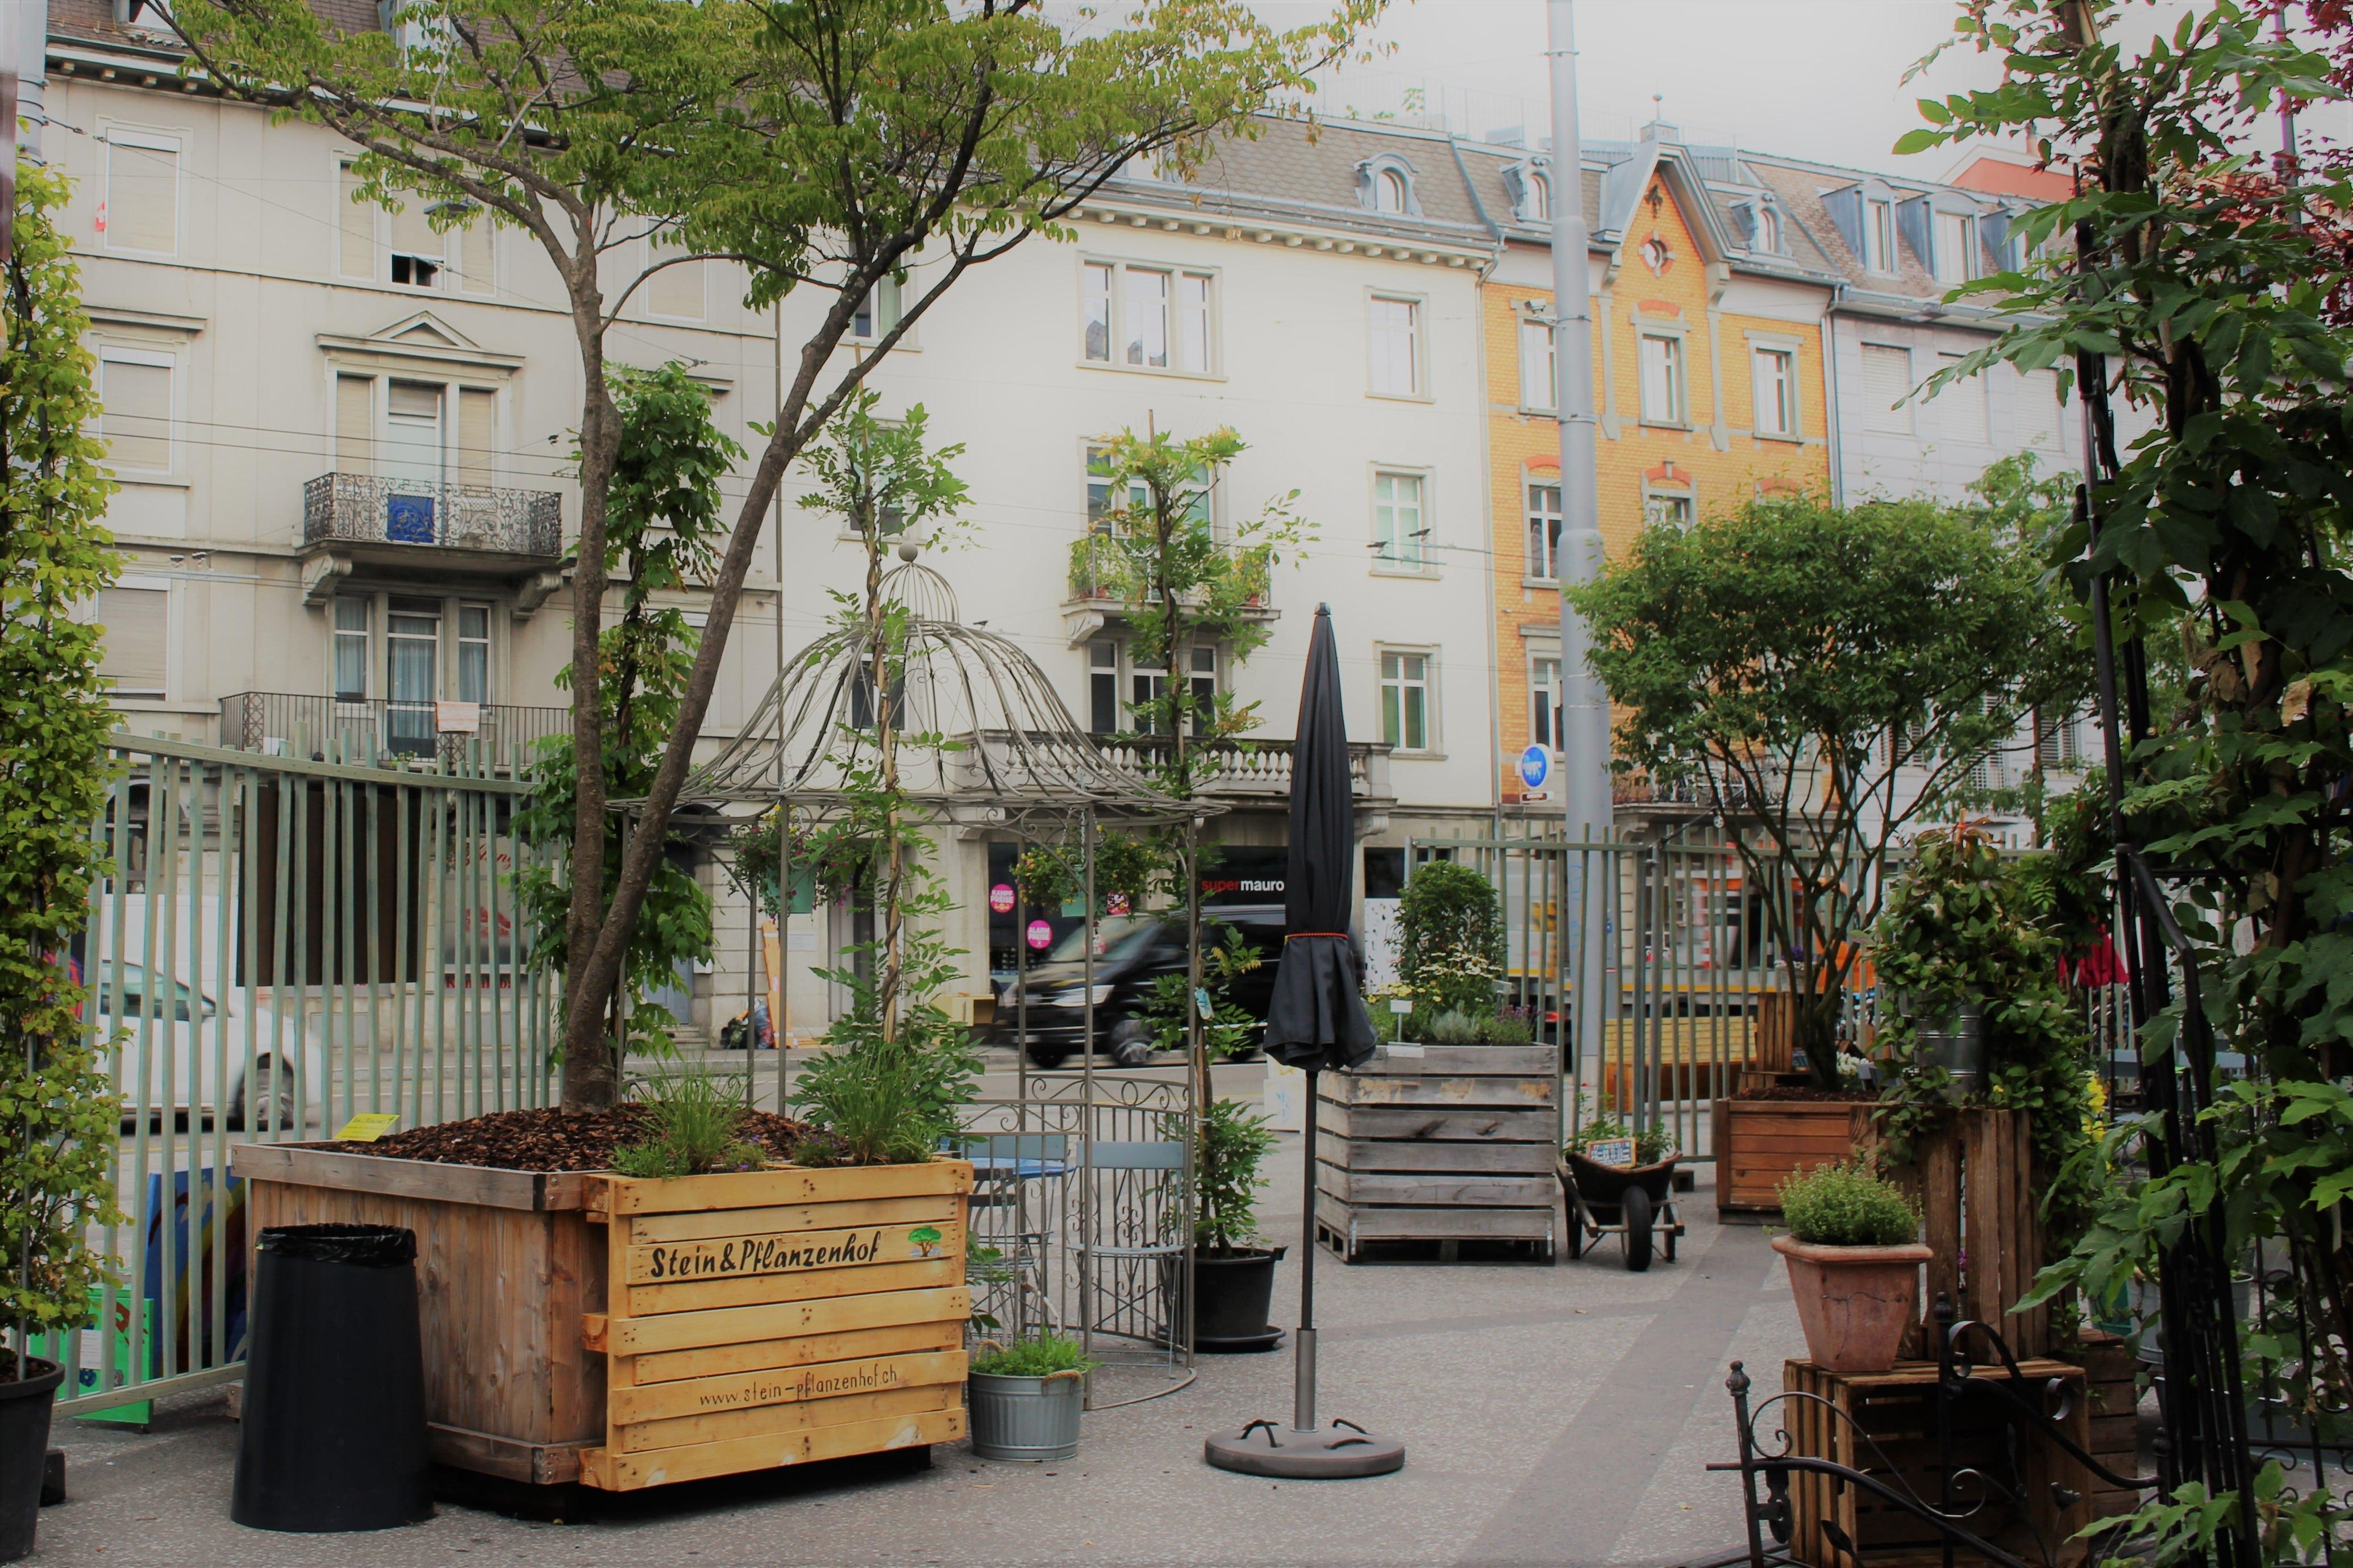 Garten Café Archhöfe